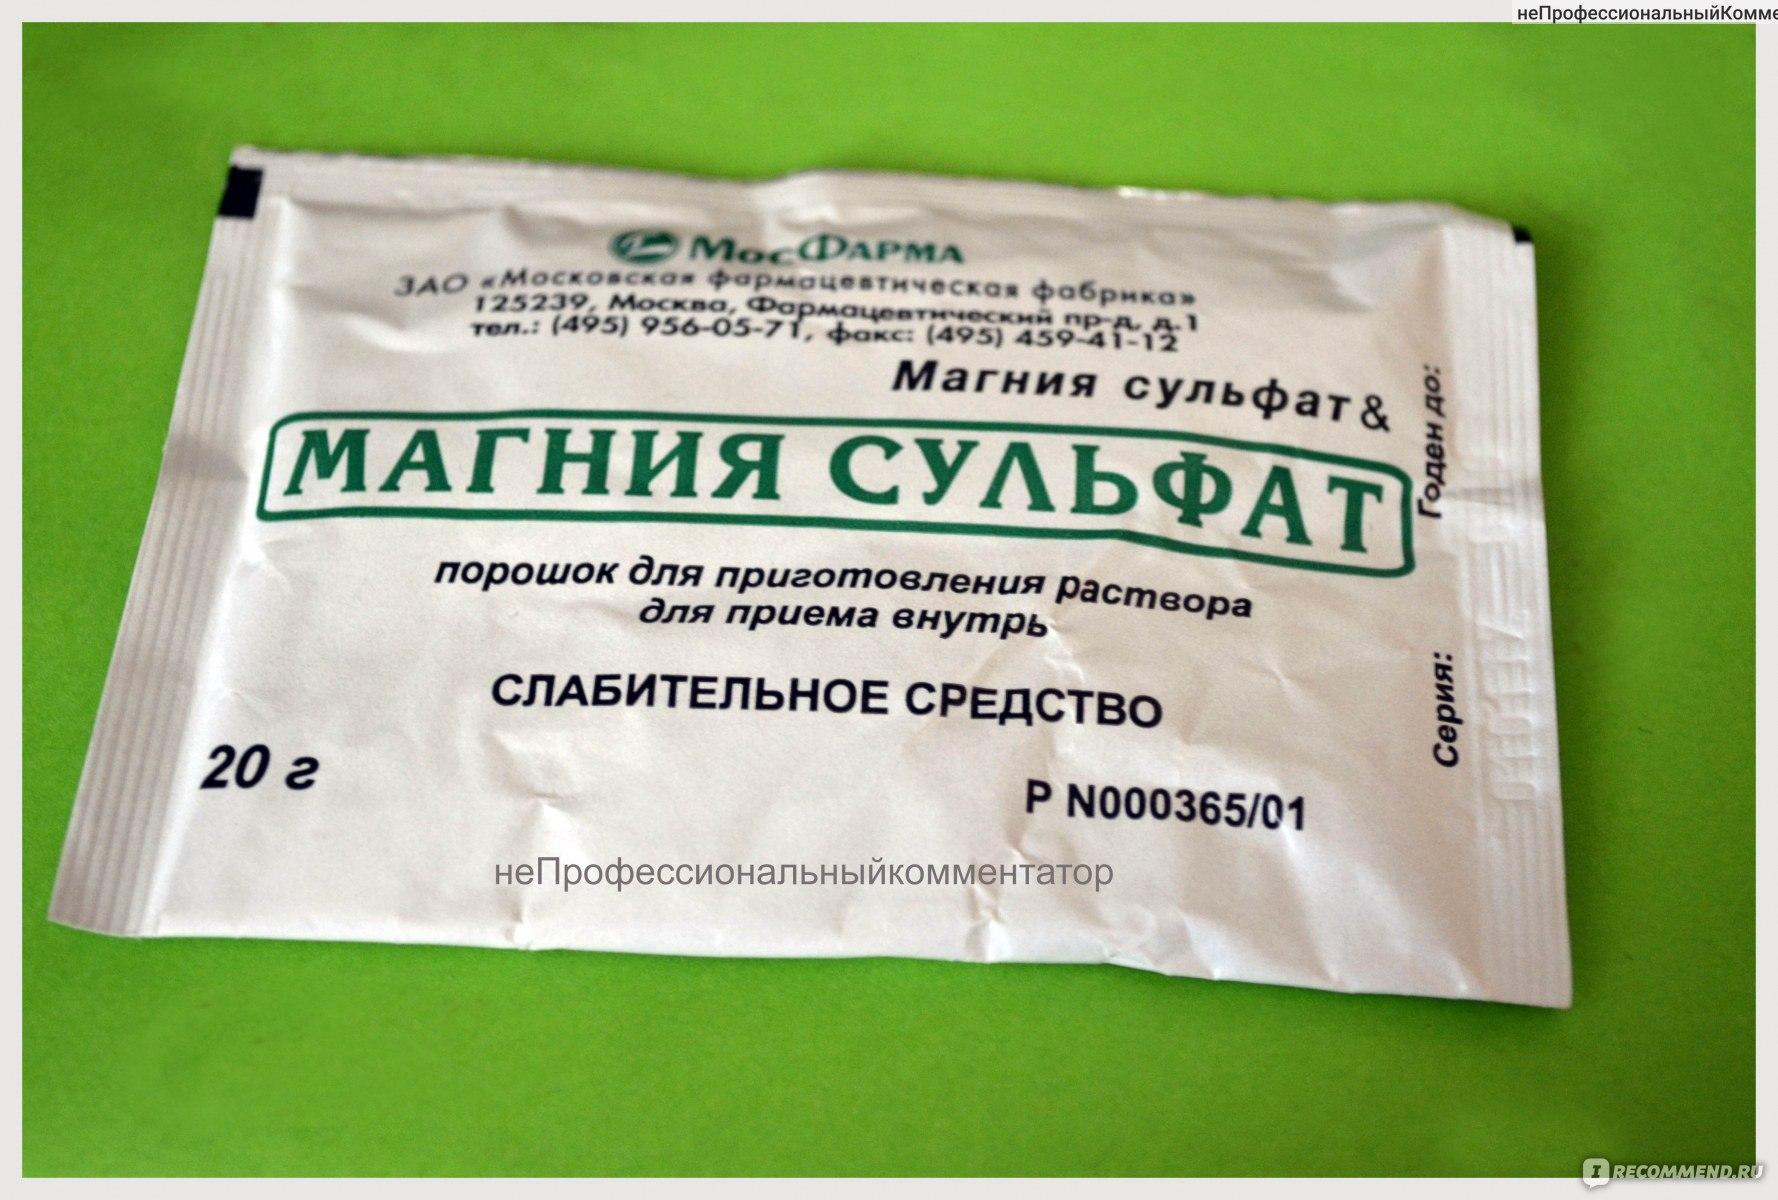 Магния сульфат -  инструкция по применению, побочные эффекты, отзывы, цена